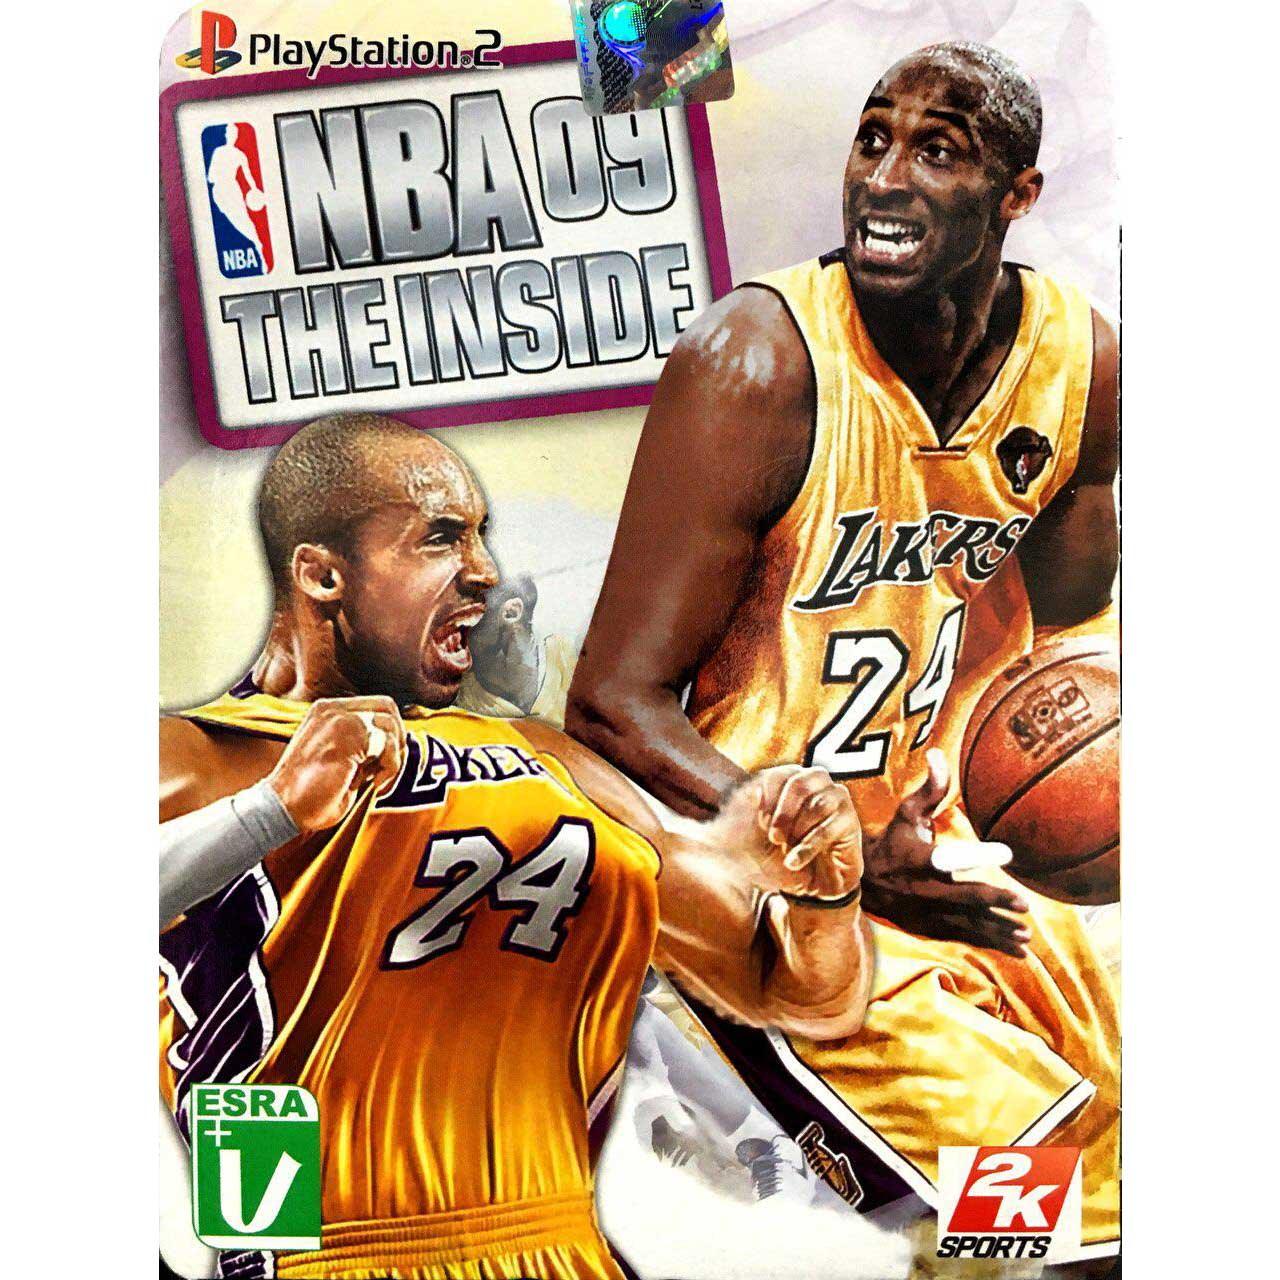 بازی NBA 09 the inside مخصوص پلی استیشن 2